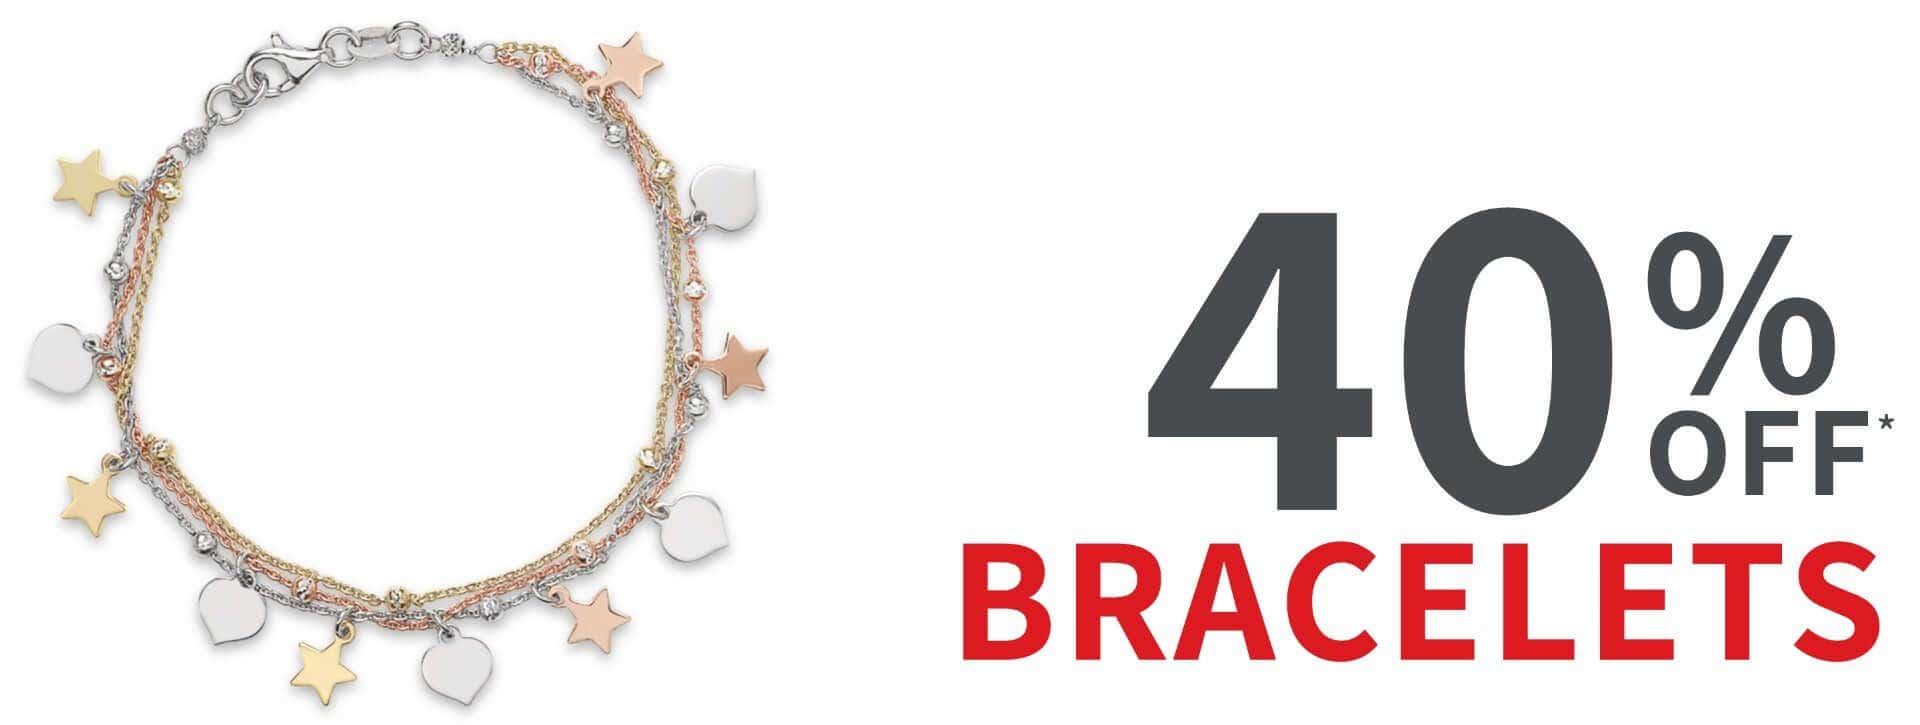 40% off bracelets